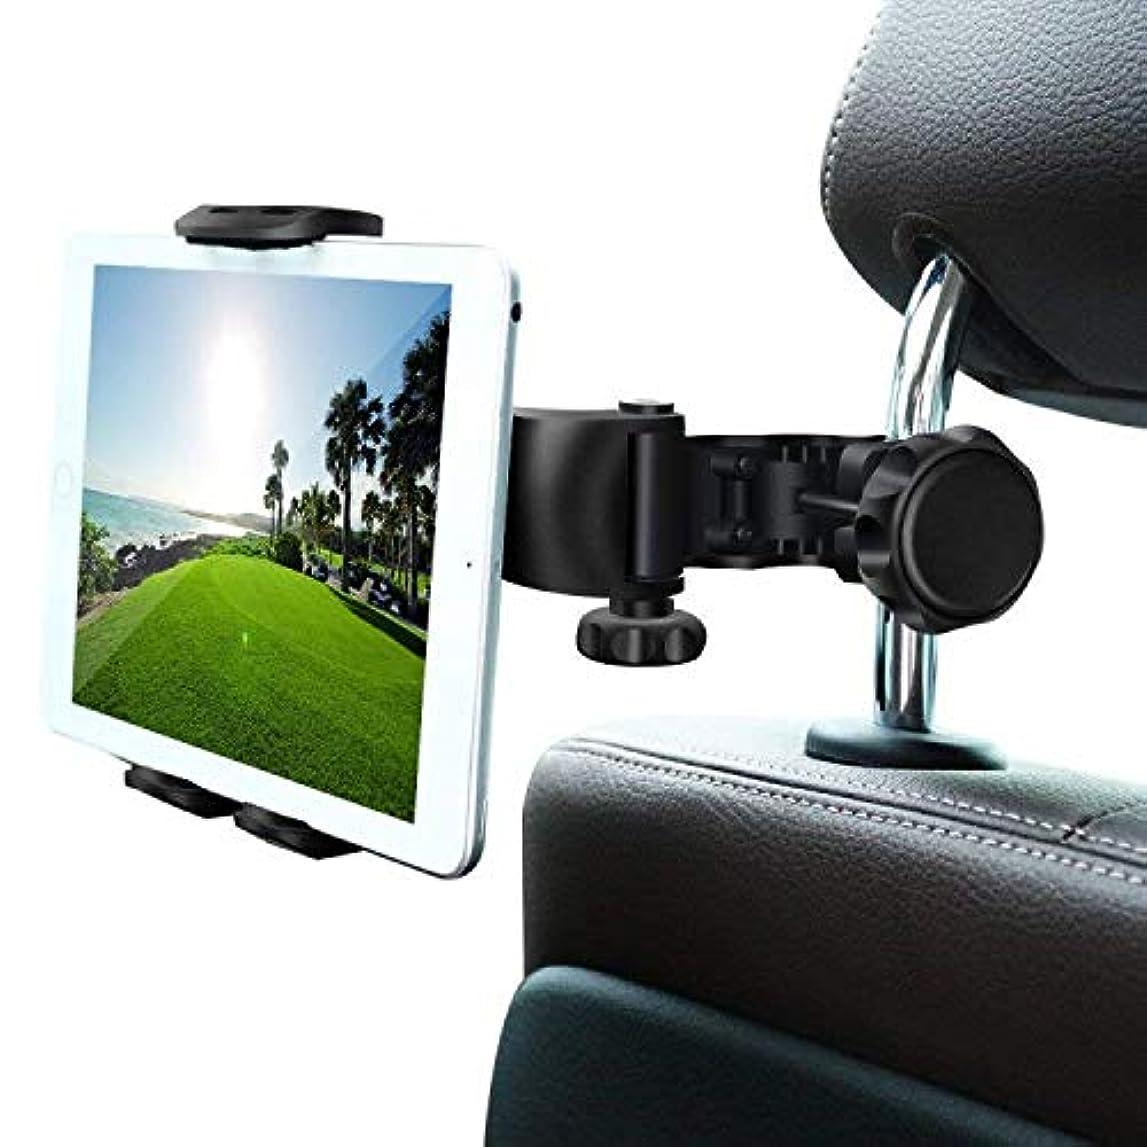 花嫁腸サンワダイレクト iPad タブレット 車載ホルダー 後部座席用 ヘッドレスト設置 7~11インチ対応 3関節アーム 200-CAR044